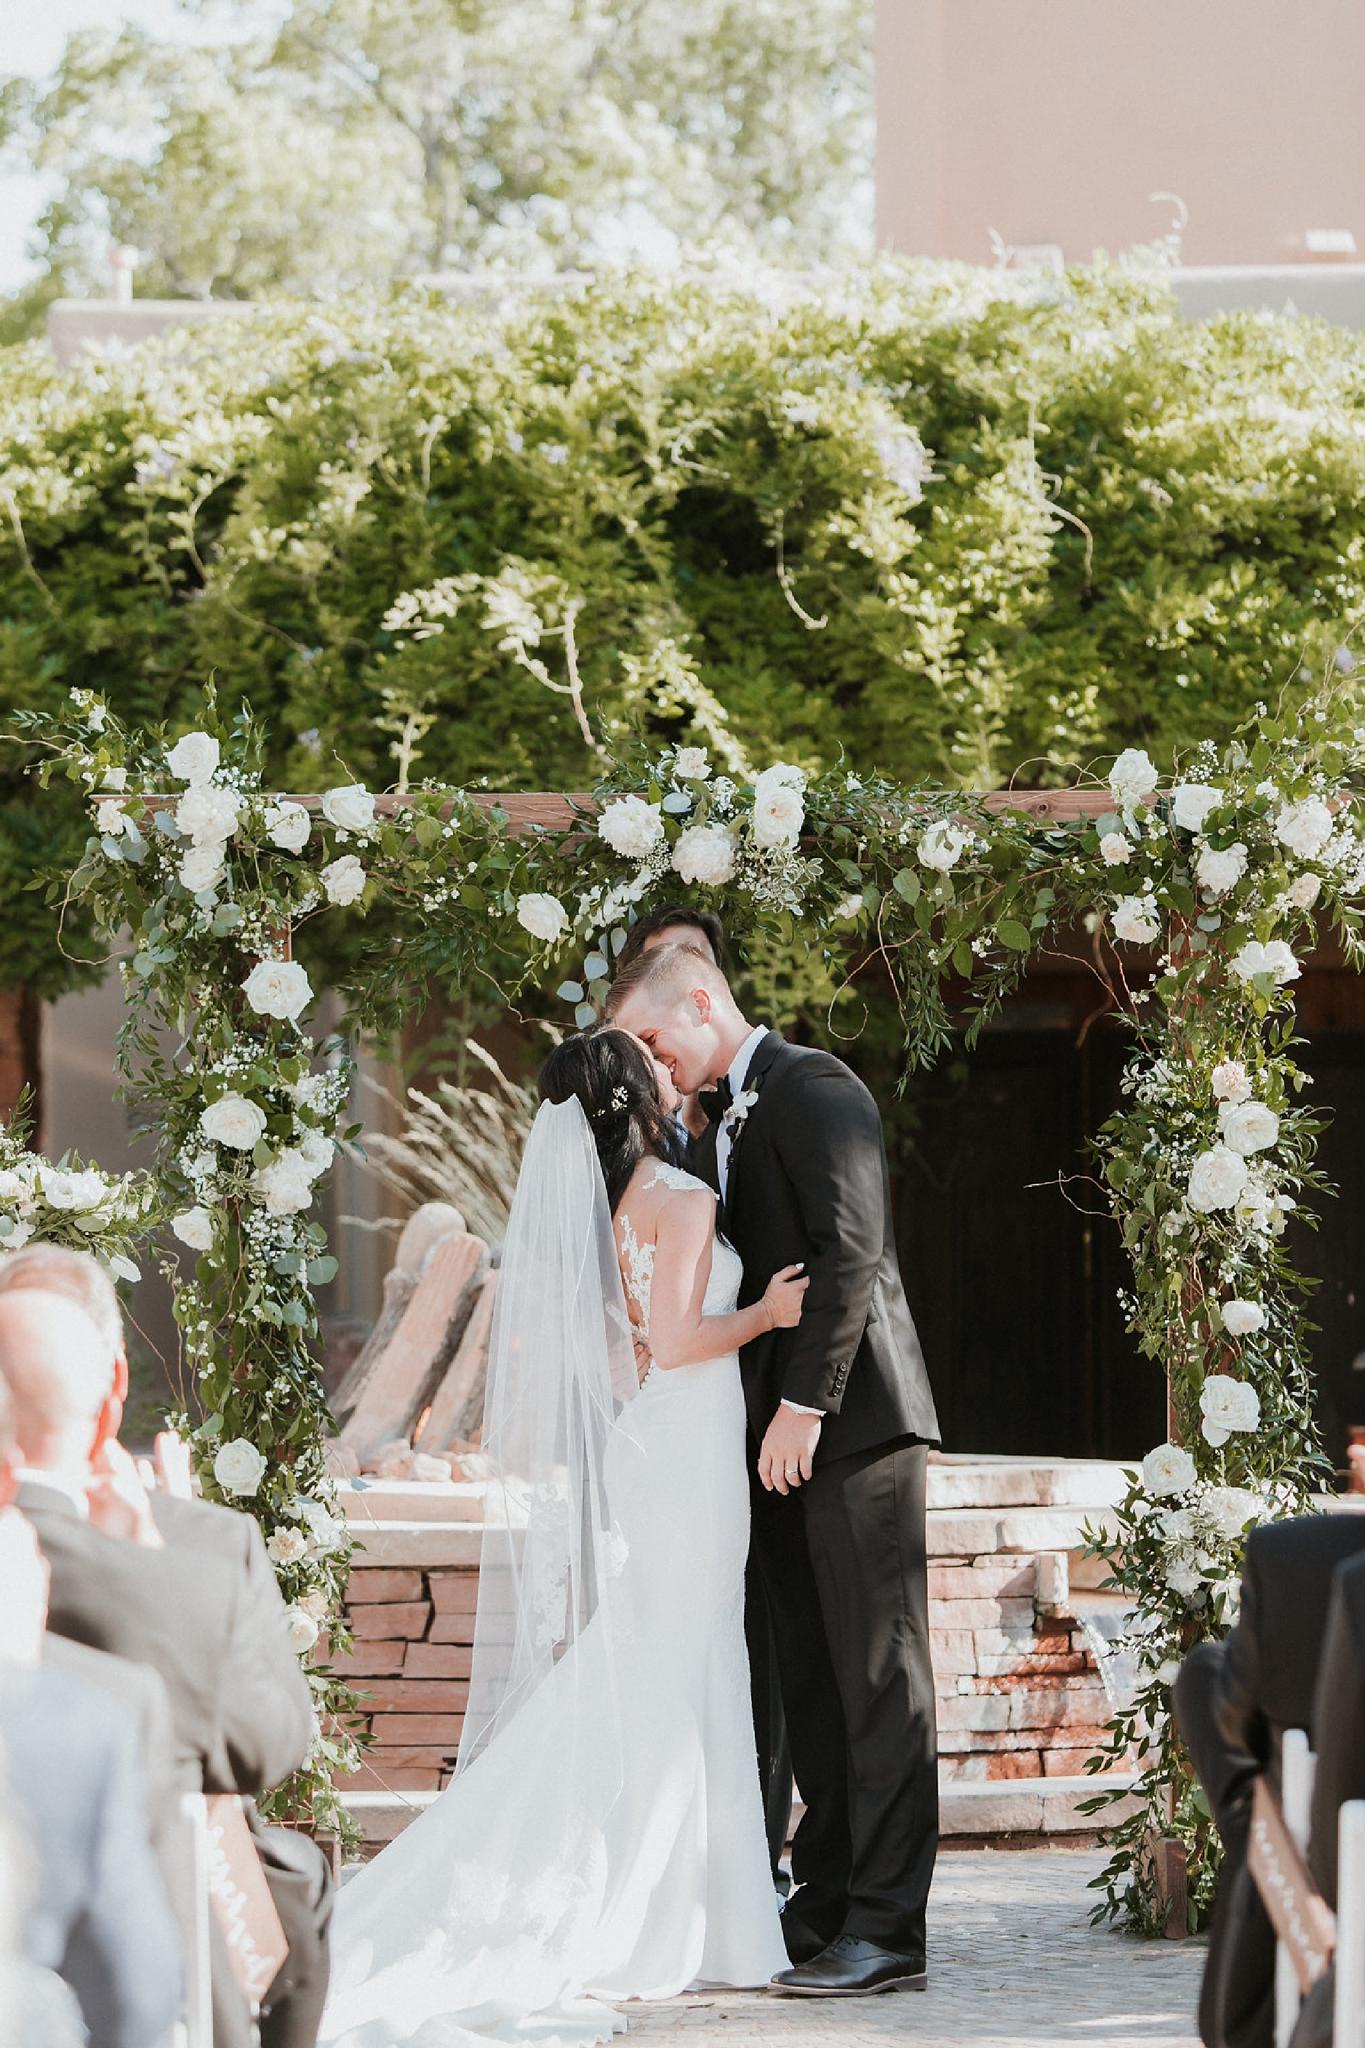 Alicia+lucia+photography+-+albuquerque+wedding+photographer+-+santa+fe+wedding+photography+-+new+mexico+wedding+photographer+-+new+mexico+florist+-+wedding+florist+-+renegade+floral_0012.jpg